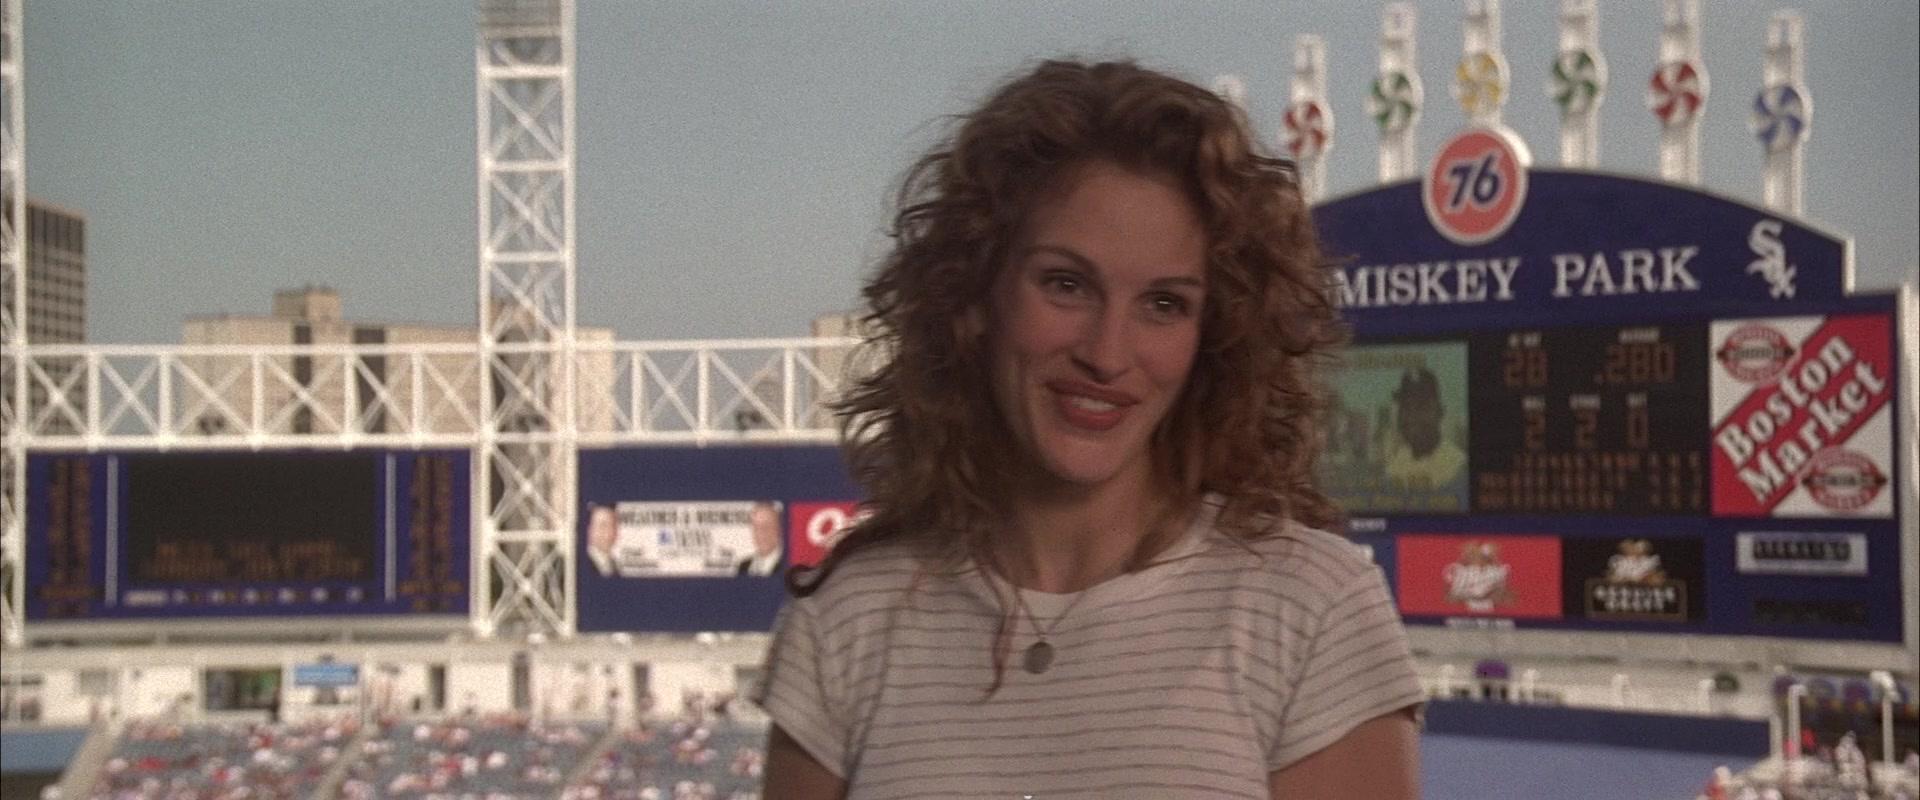 Comiskey Park Stadium 76 Boston Market Miller In My Best Friend S Wedding 1997